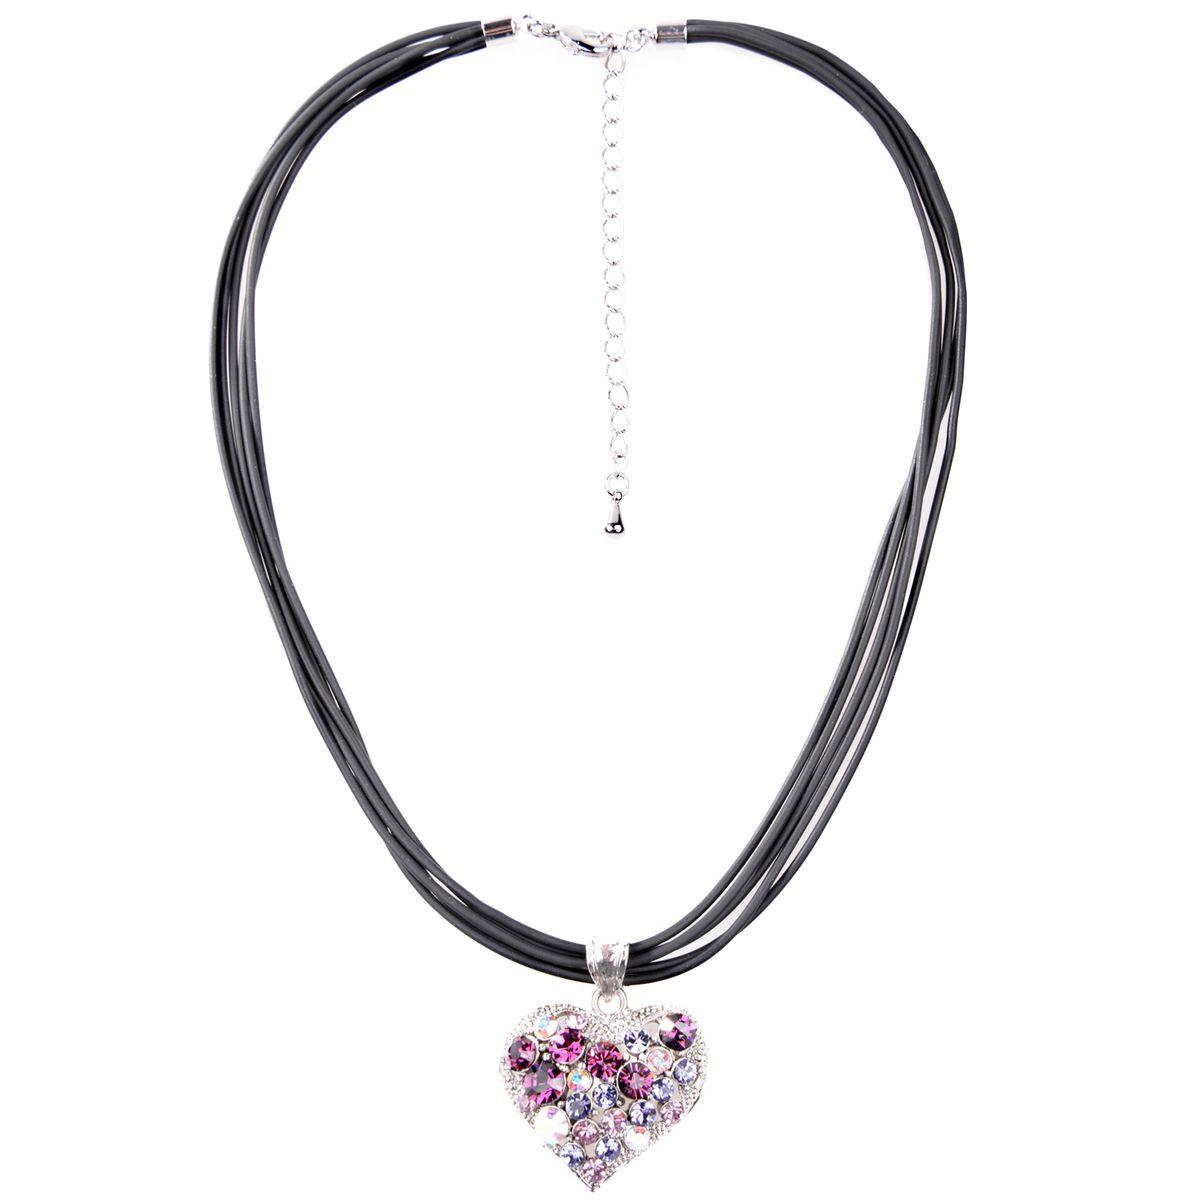 Halskette in Schwarz mit Herz in Lila von Schlick Accessoires günstig online kaufen